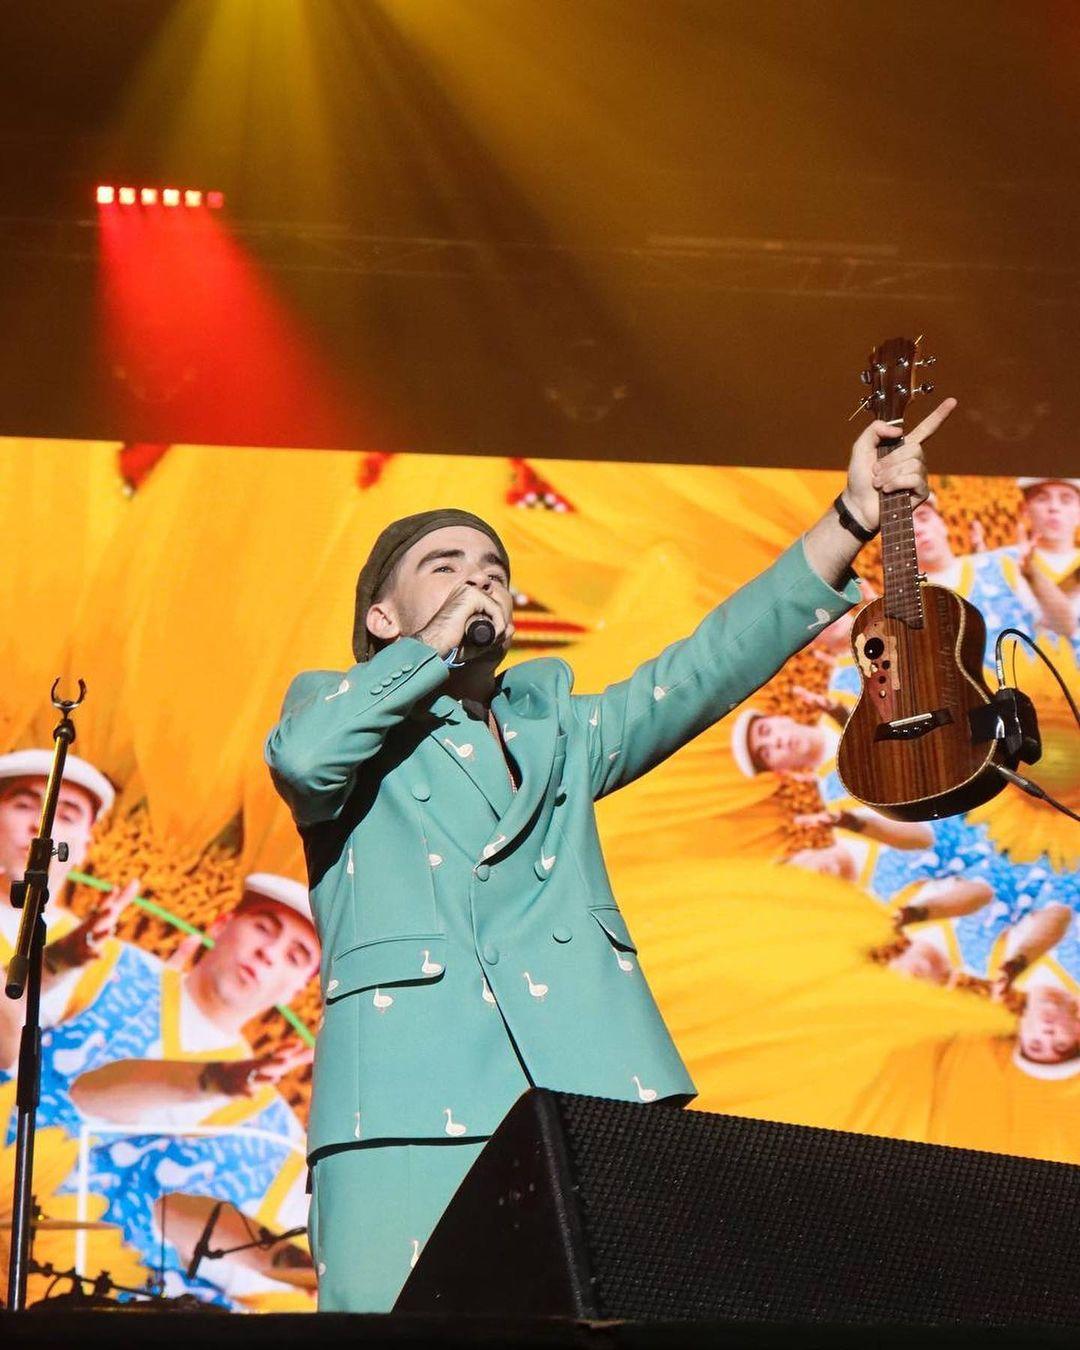 світське життя вечір прем'єр украинские звезды платья наряды костюмы